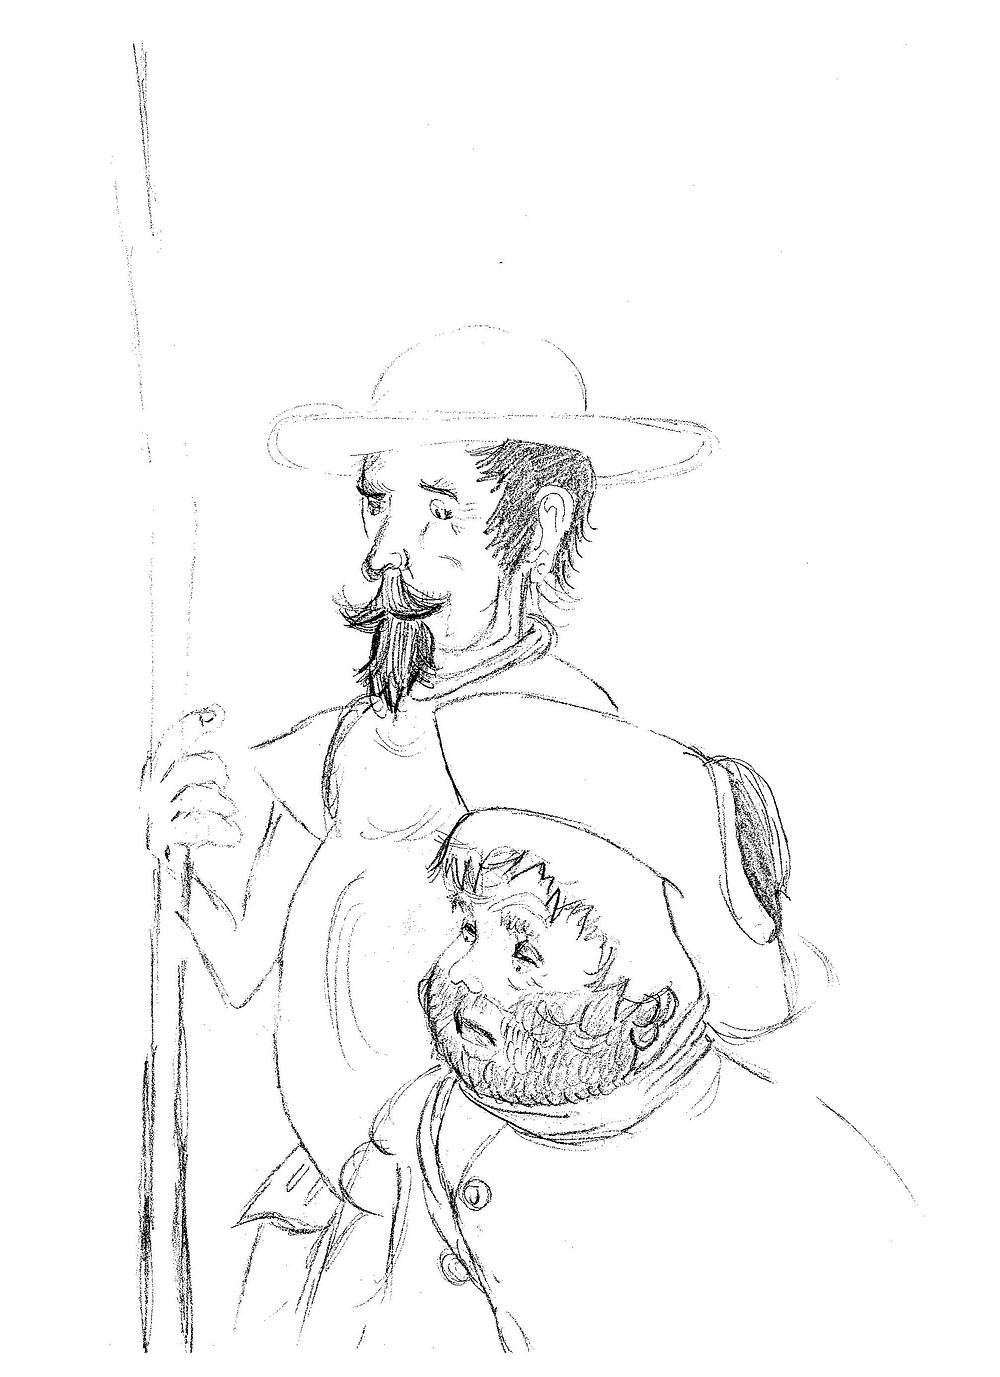 Dibujo original de la alumna Cynthia Kontos